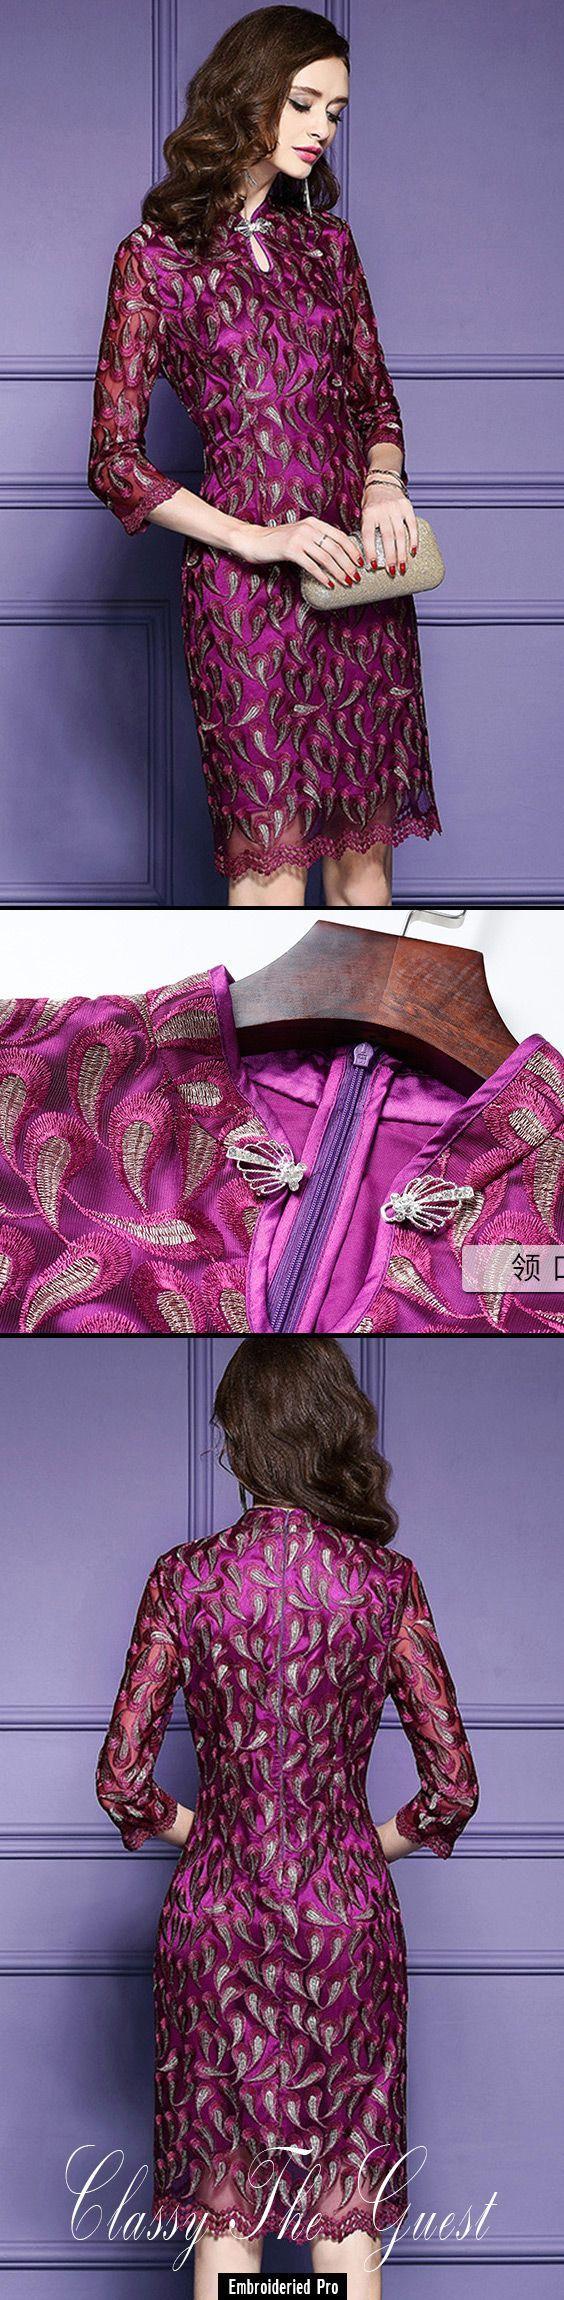 Hochzeitsgast Kleider Retro High Neck Qipao Stil Kleid für ...